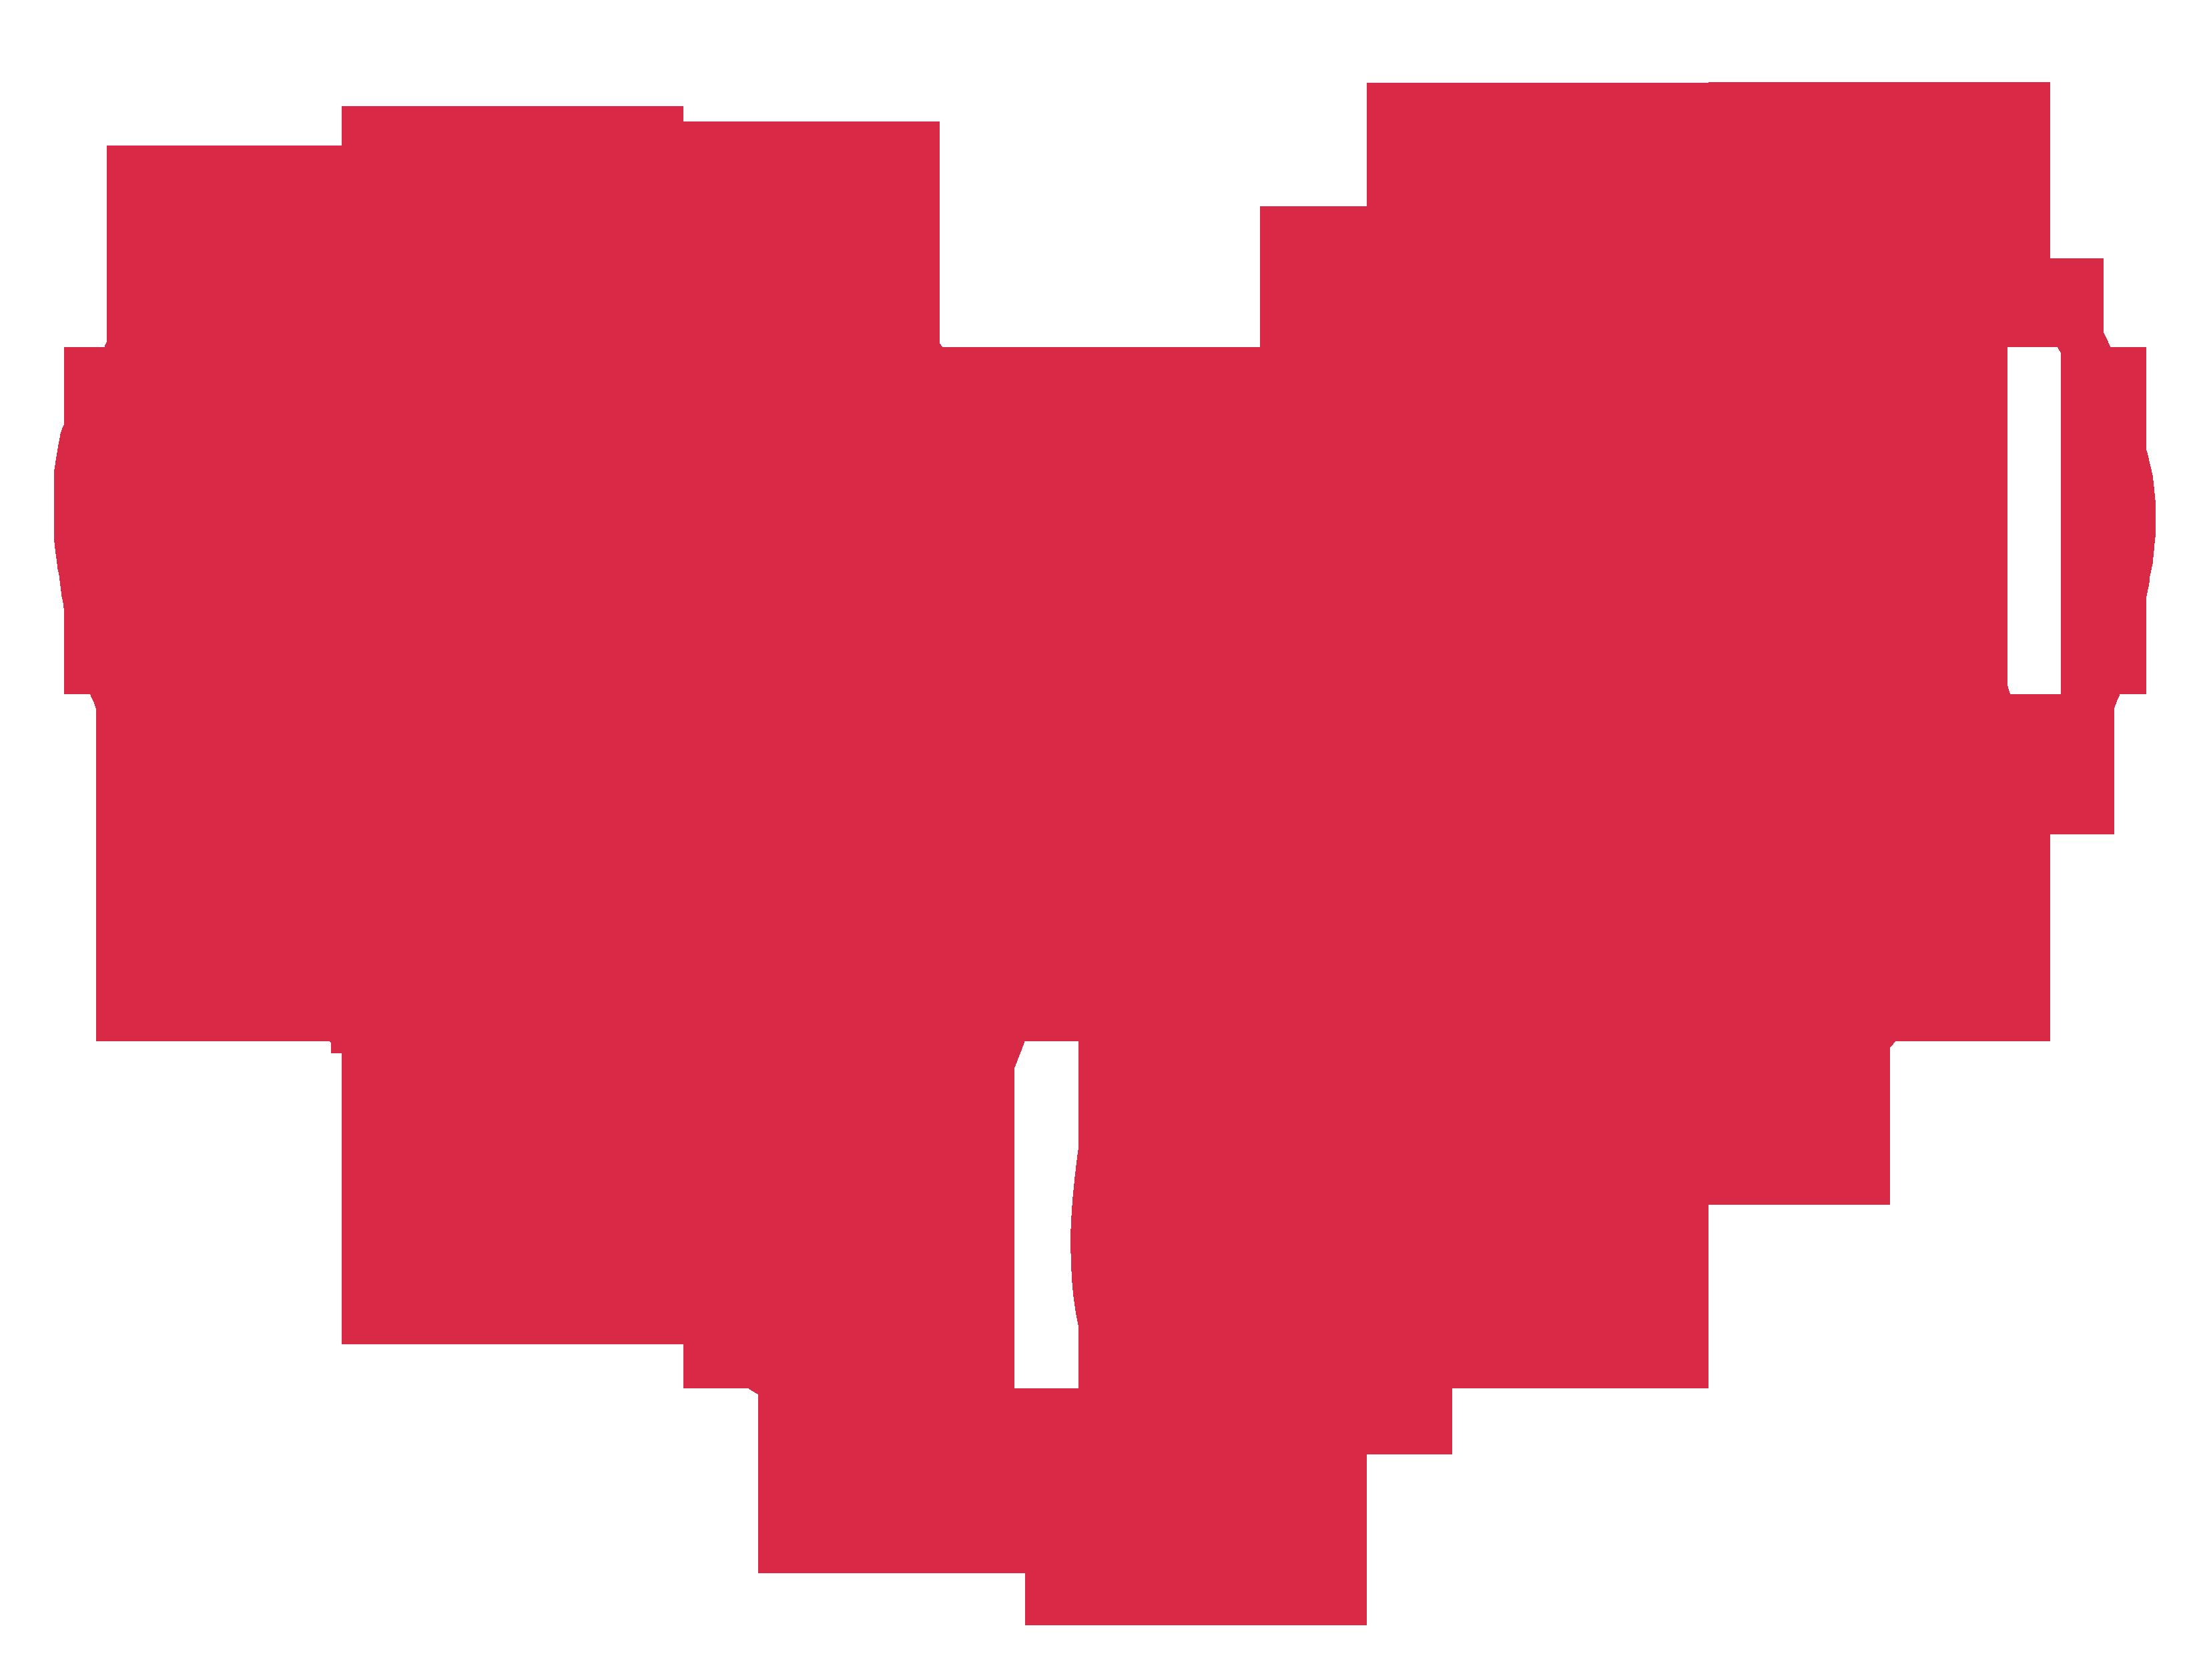 3292x2517 Heart Shaped Clipart Open Heart